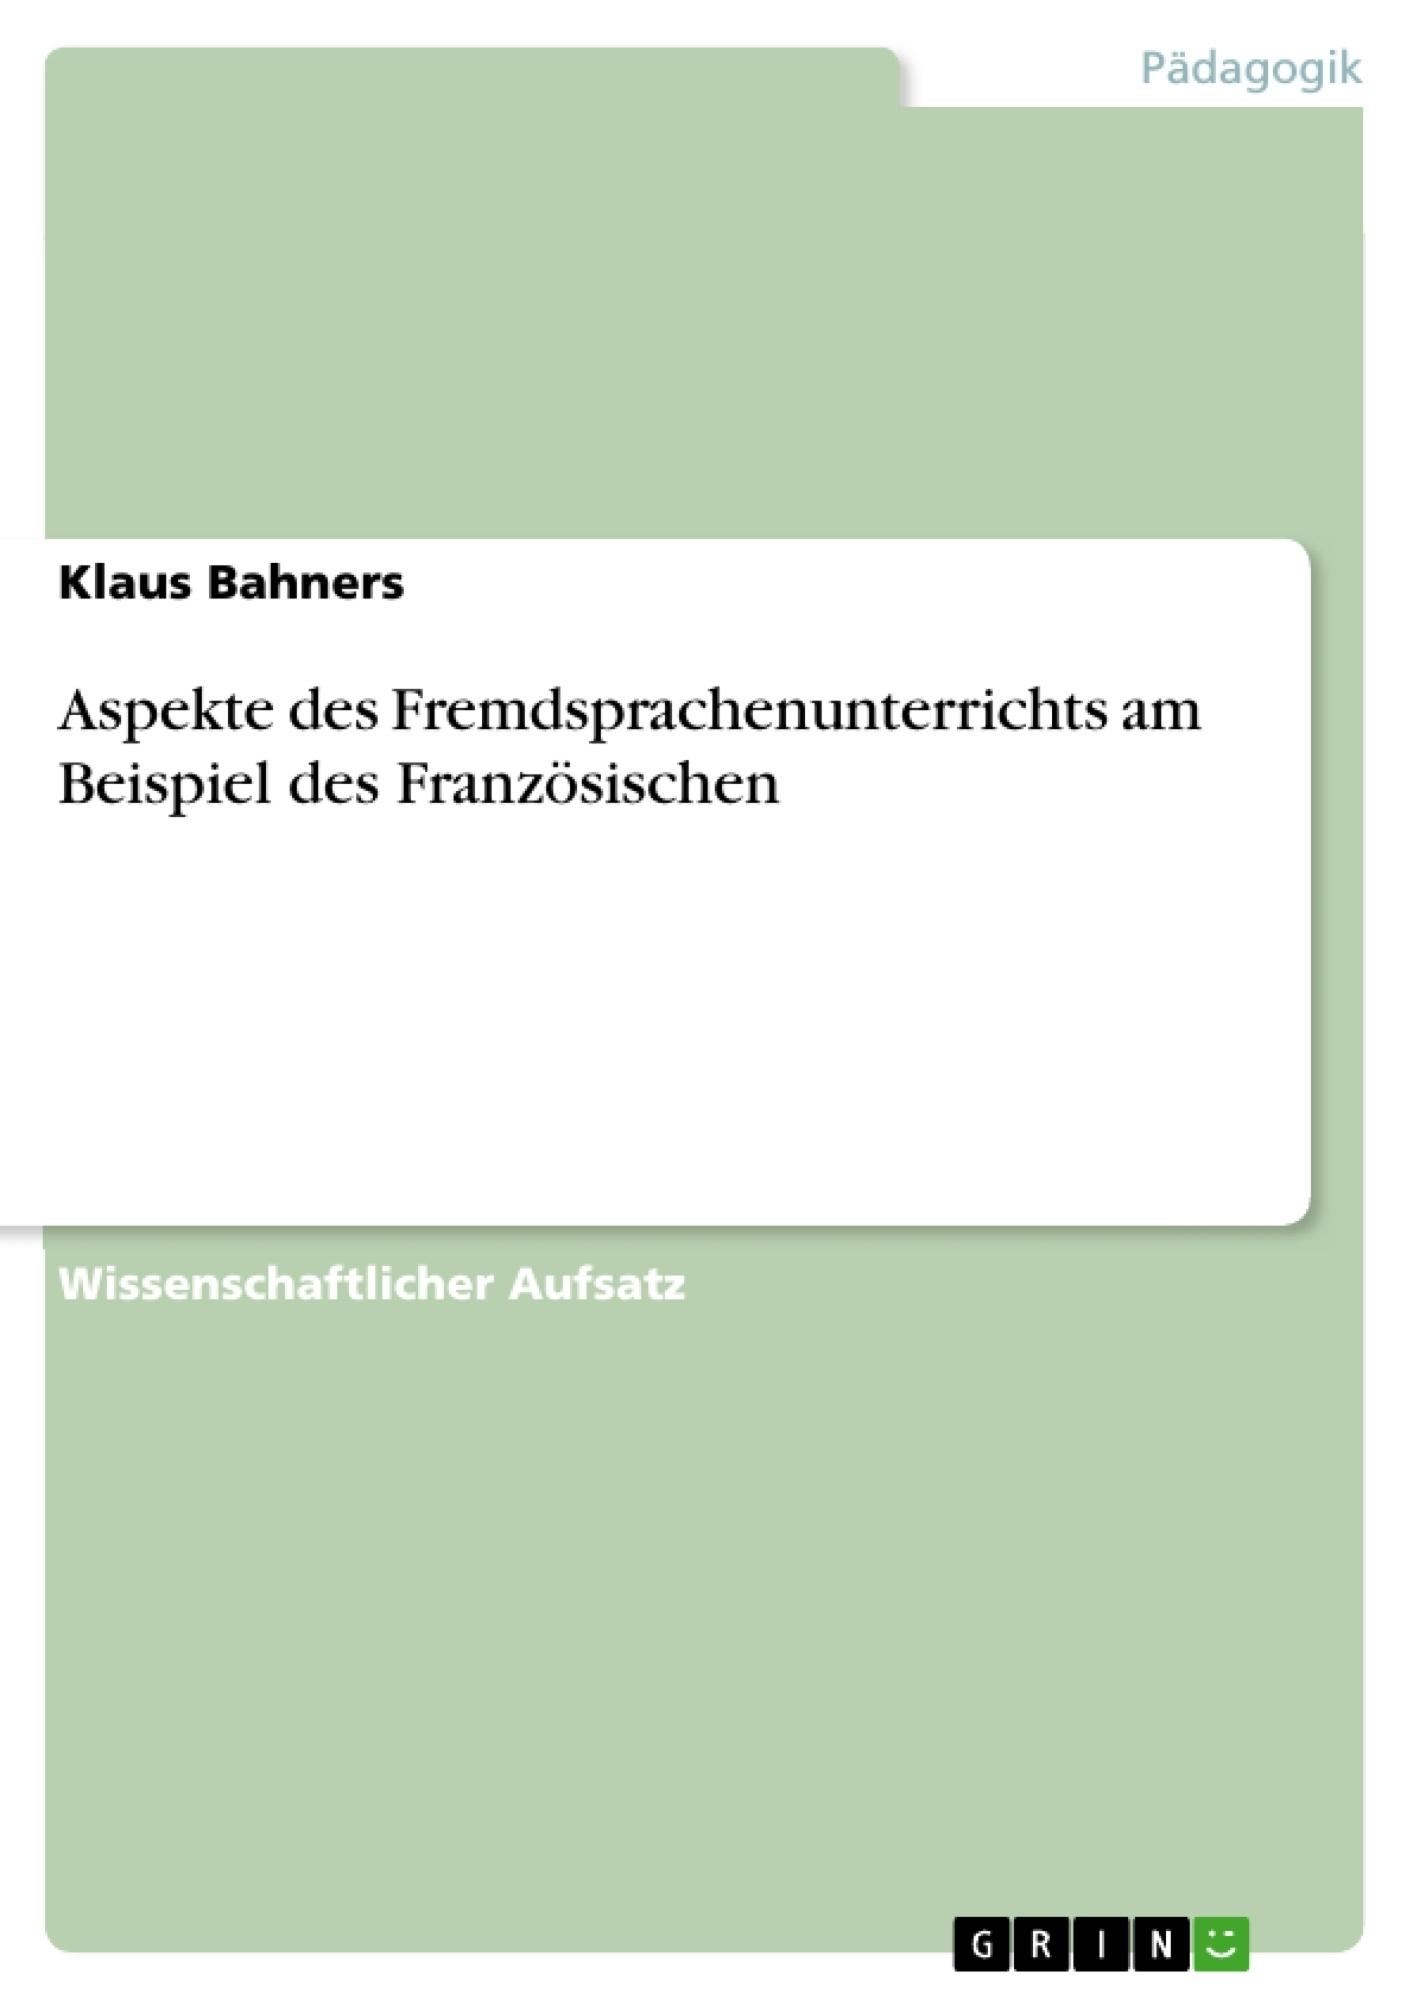 Titel: Aspekte des Fremdsprachenunterrichts am Beispiel des Französischen